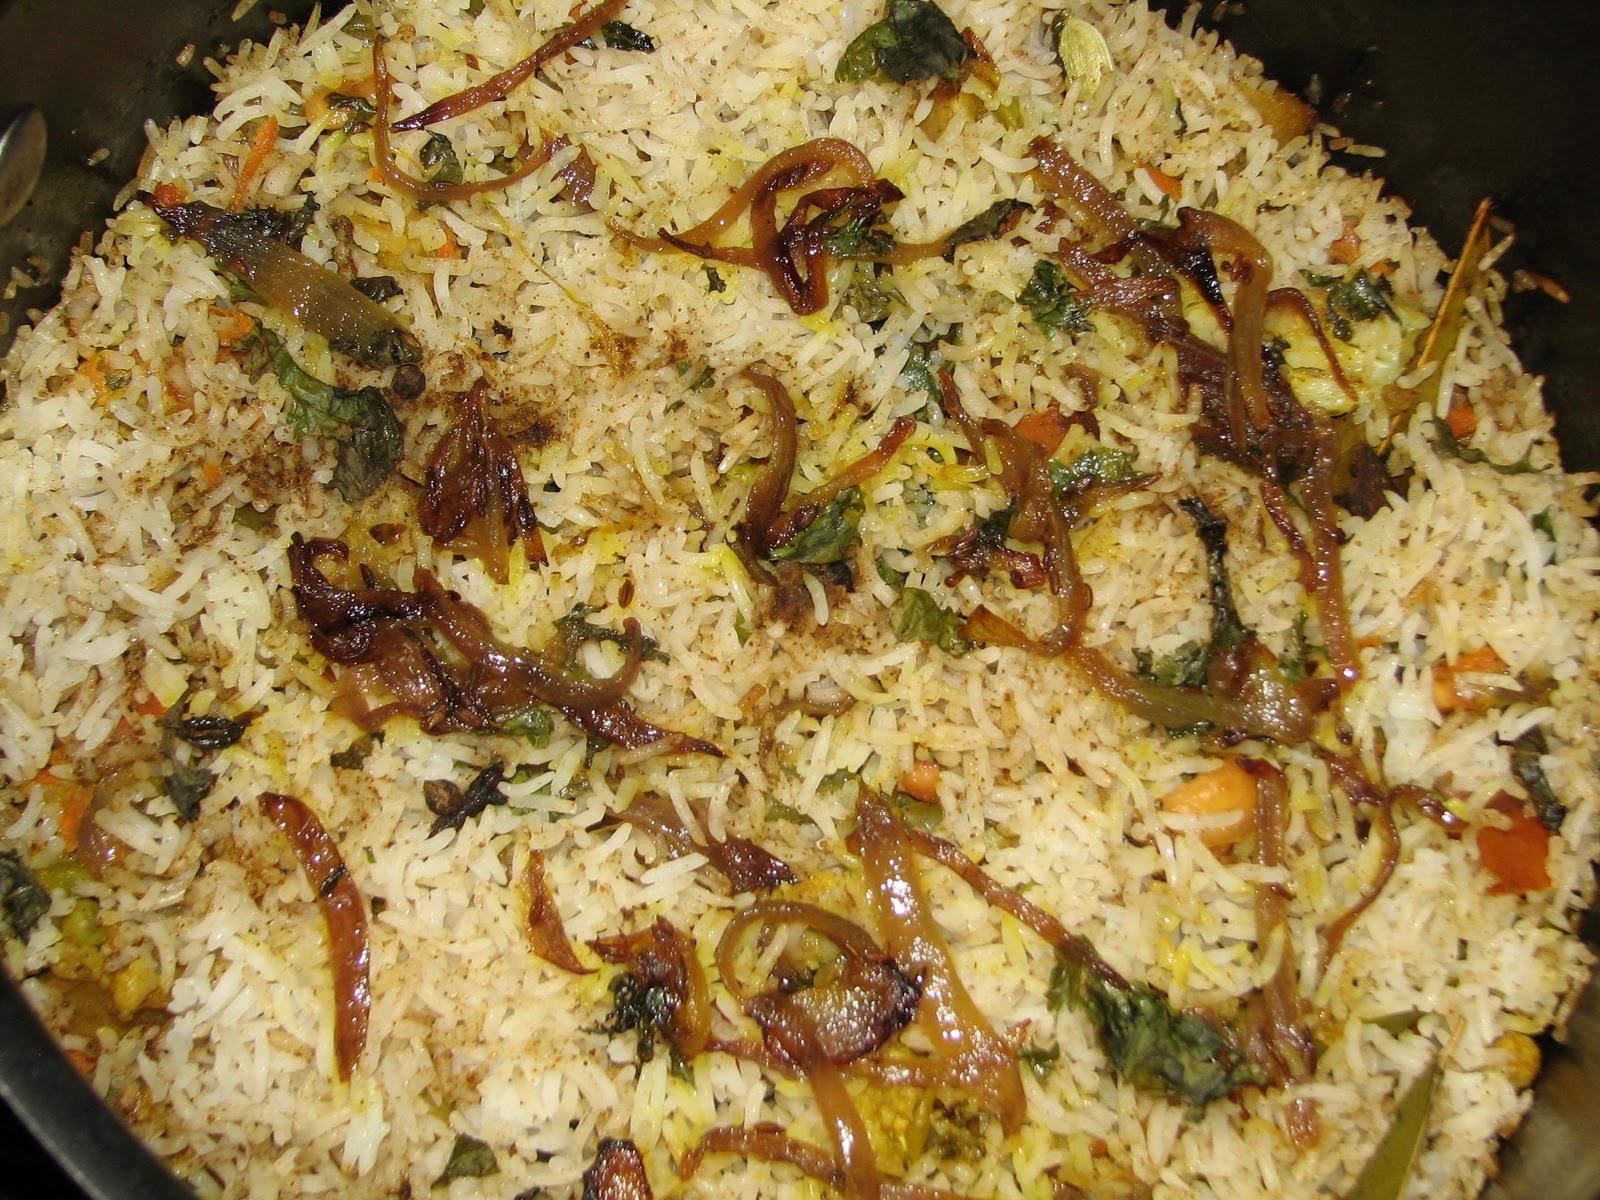 Seema's Veg Kitchen: Veg Biryani